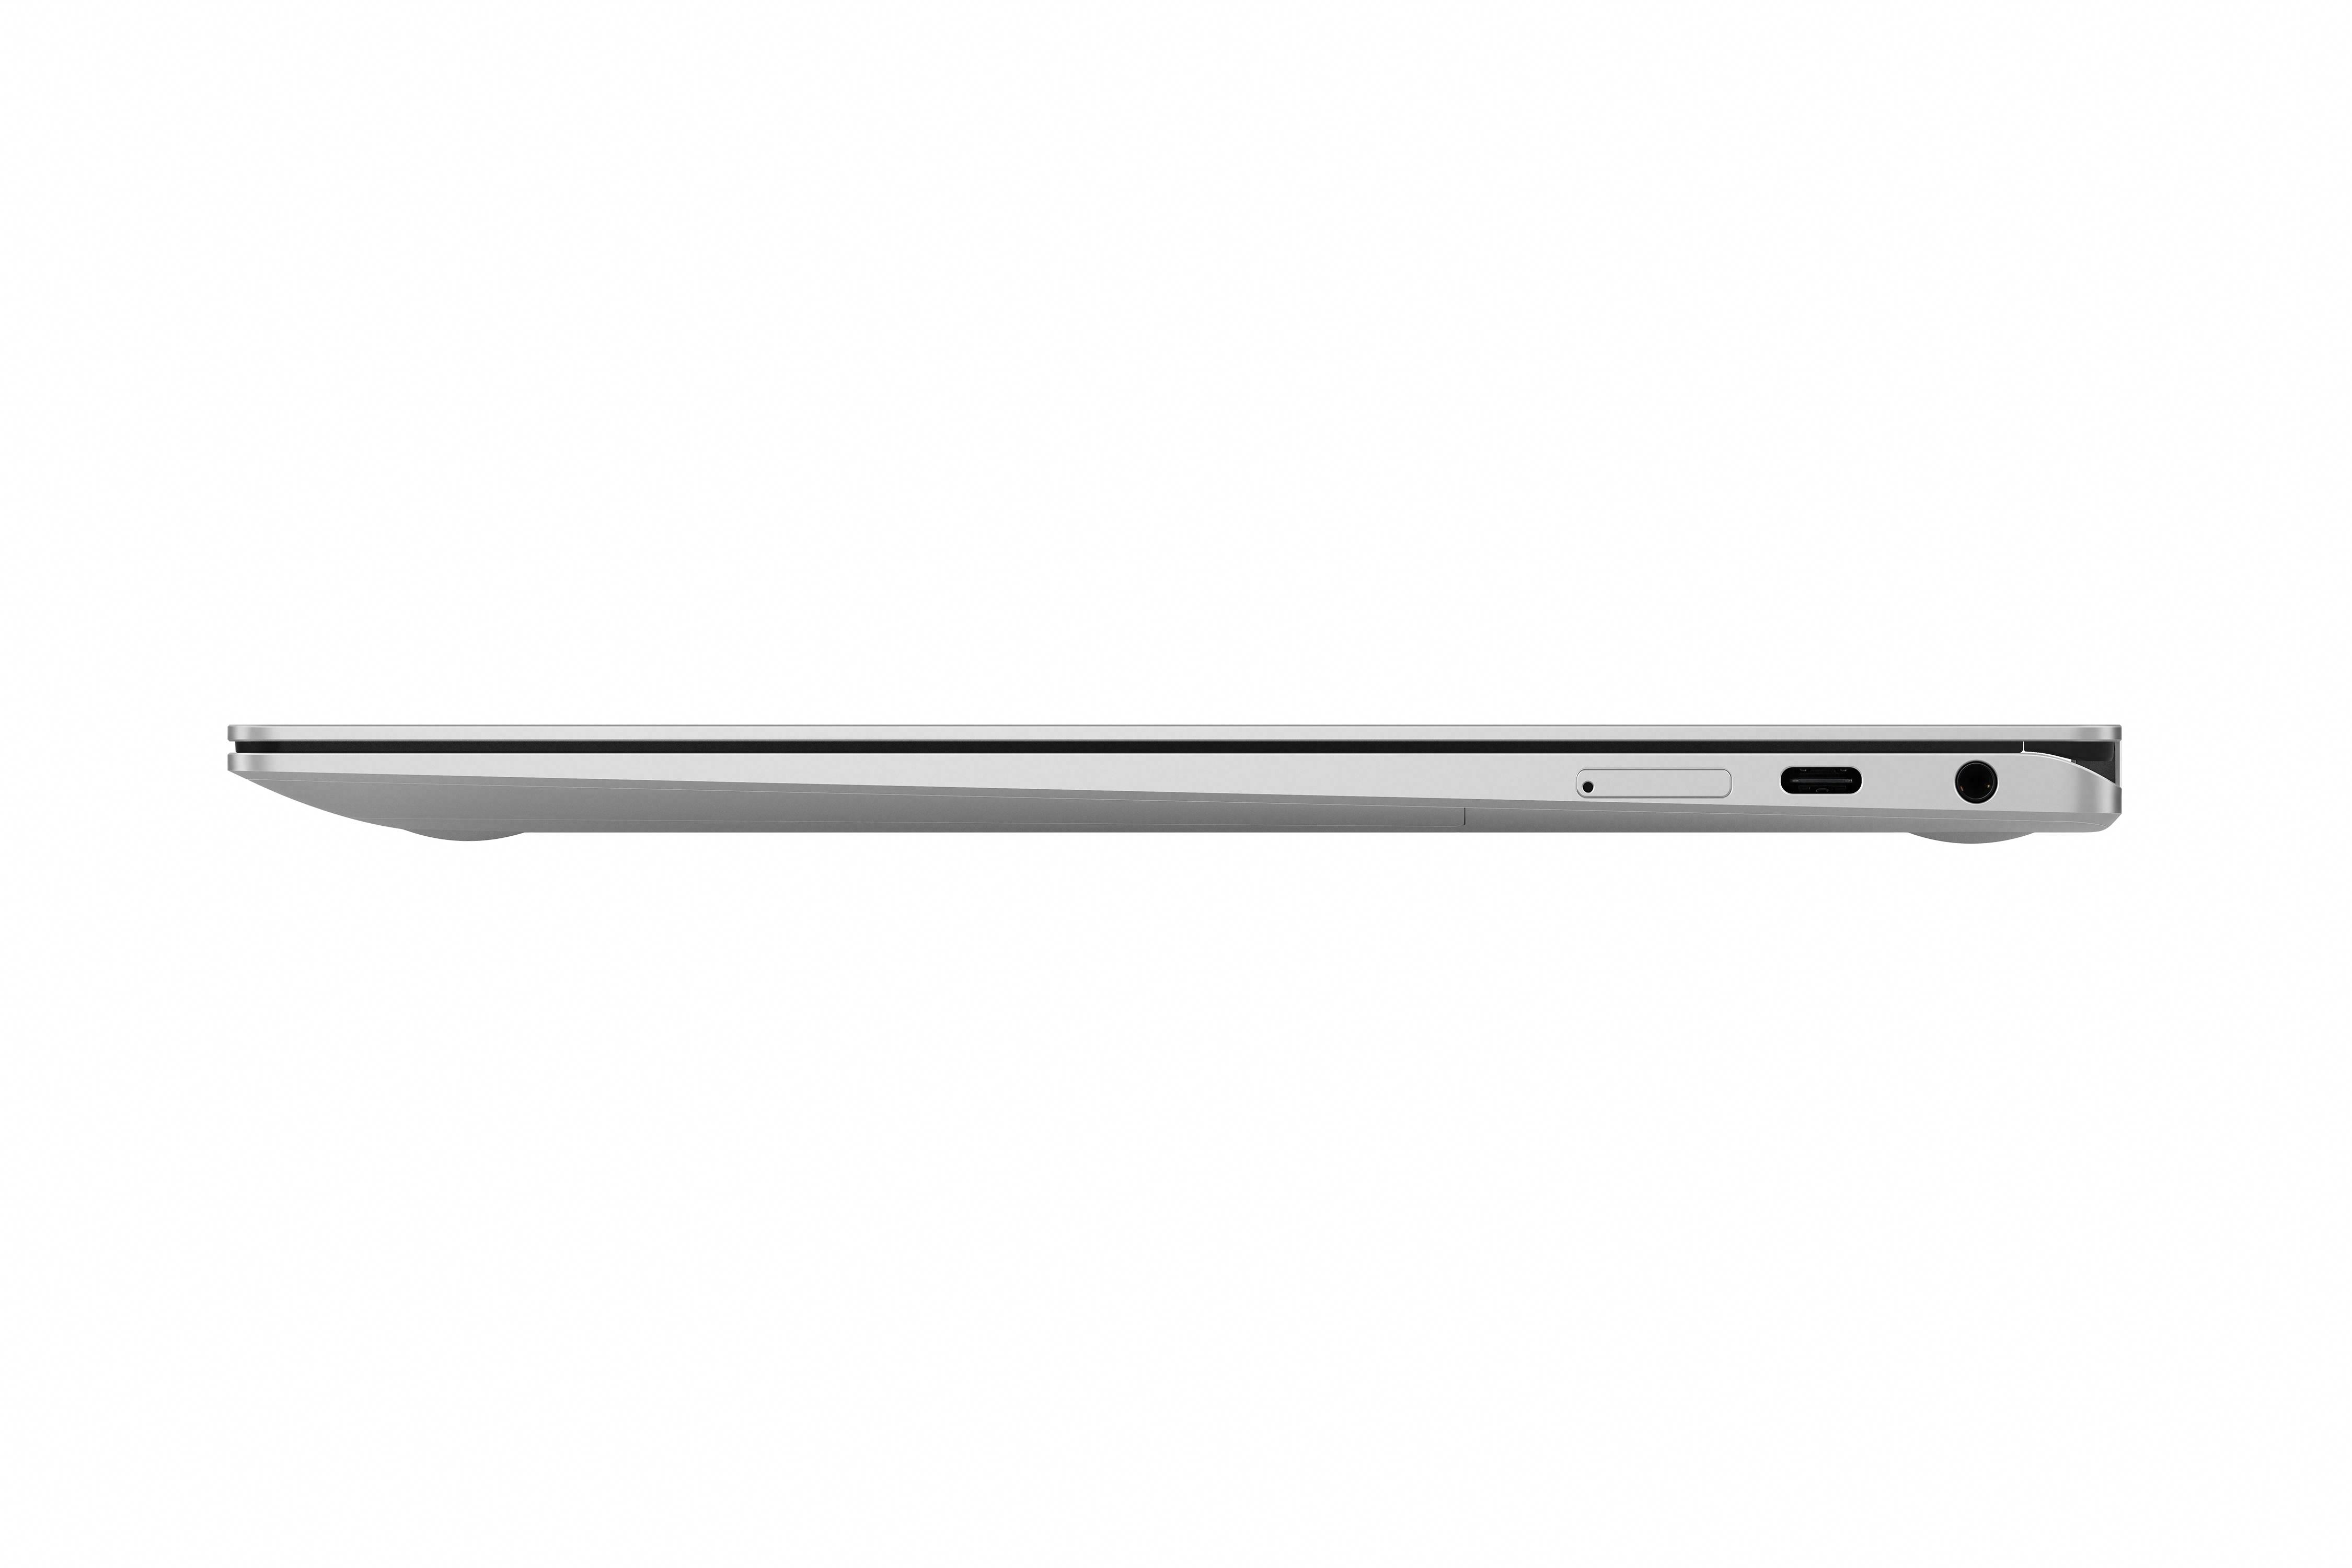 Samsung: Galaxy Books nutzen OLED und große Akkus - Galaxy Book Pro 360 mit 13,3 Zoll (Bild: Samsung)